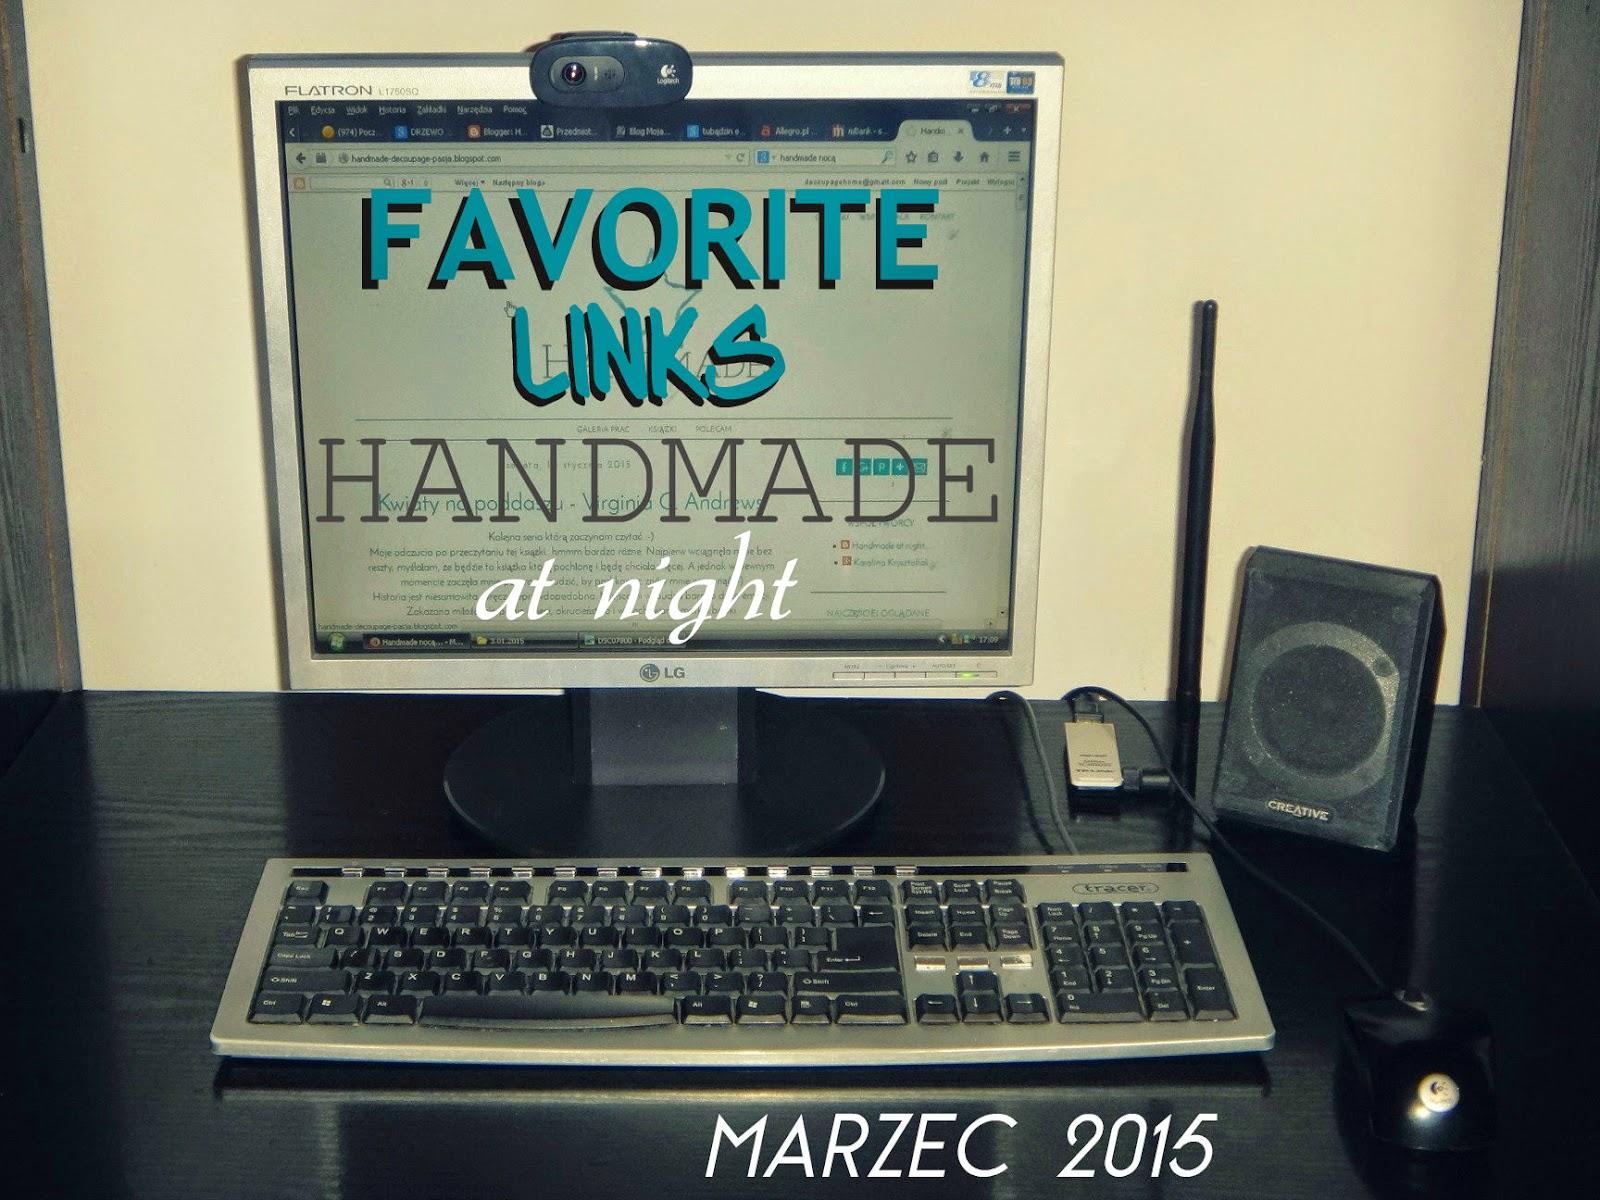 favorite links, ulubione linki, linki godne polecenia, linki, linki marzec2015